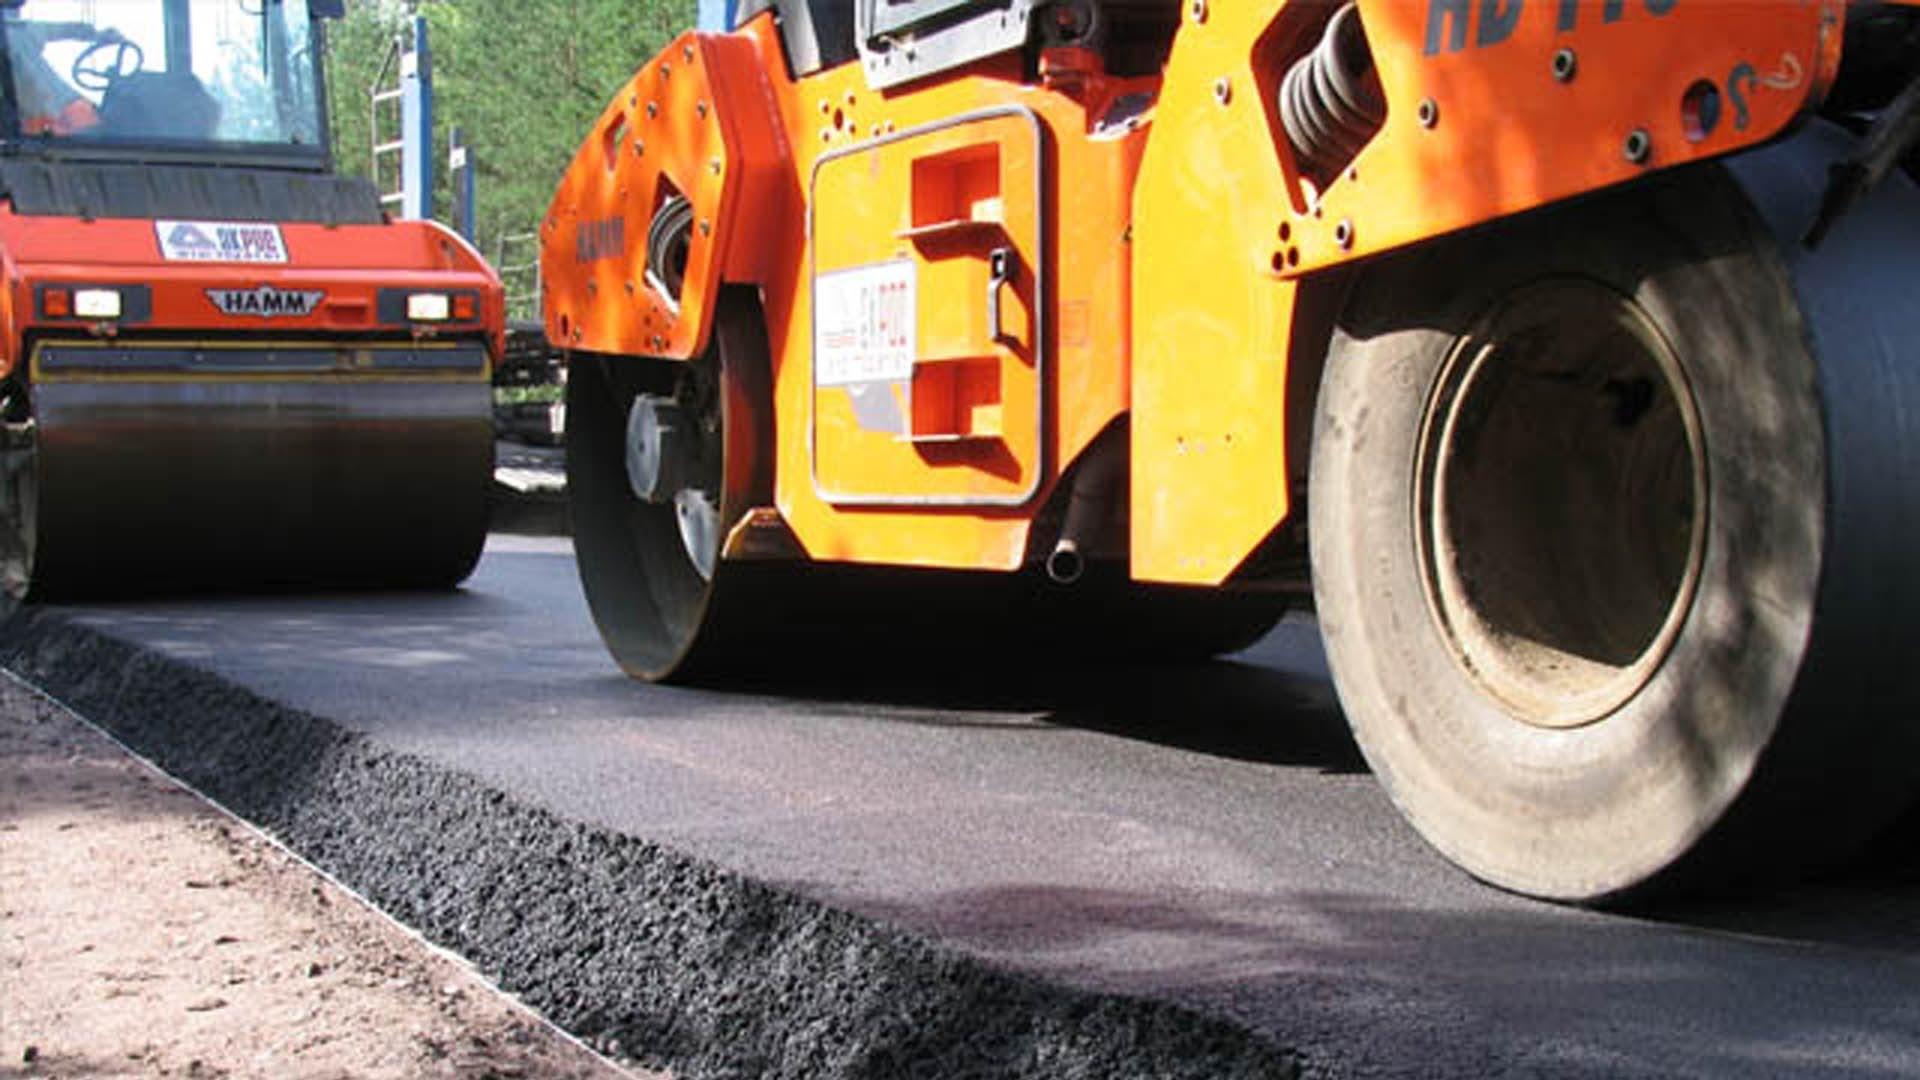 Р. Гольдштейн: Развитие дорог позитивно повлияет на качество жизни